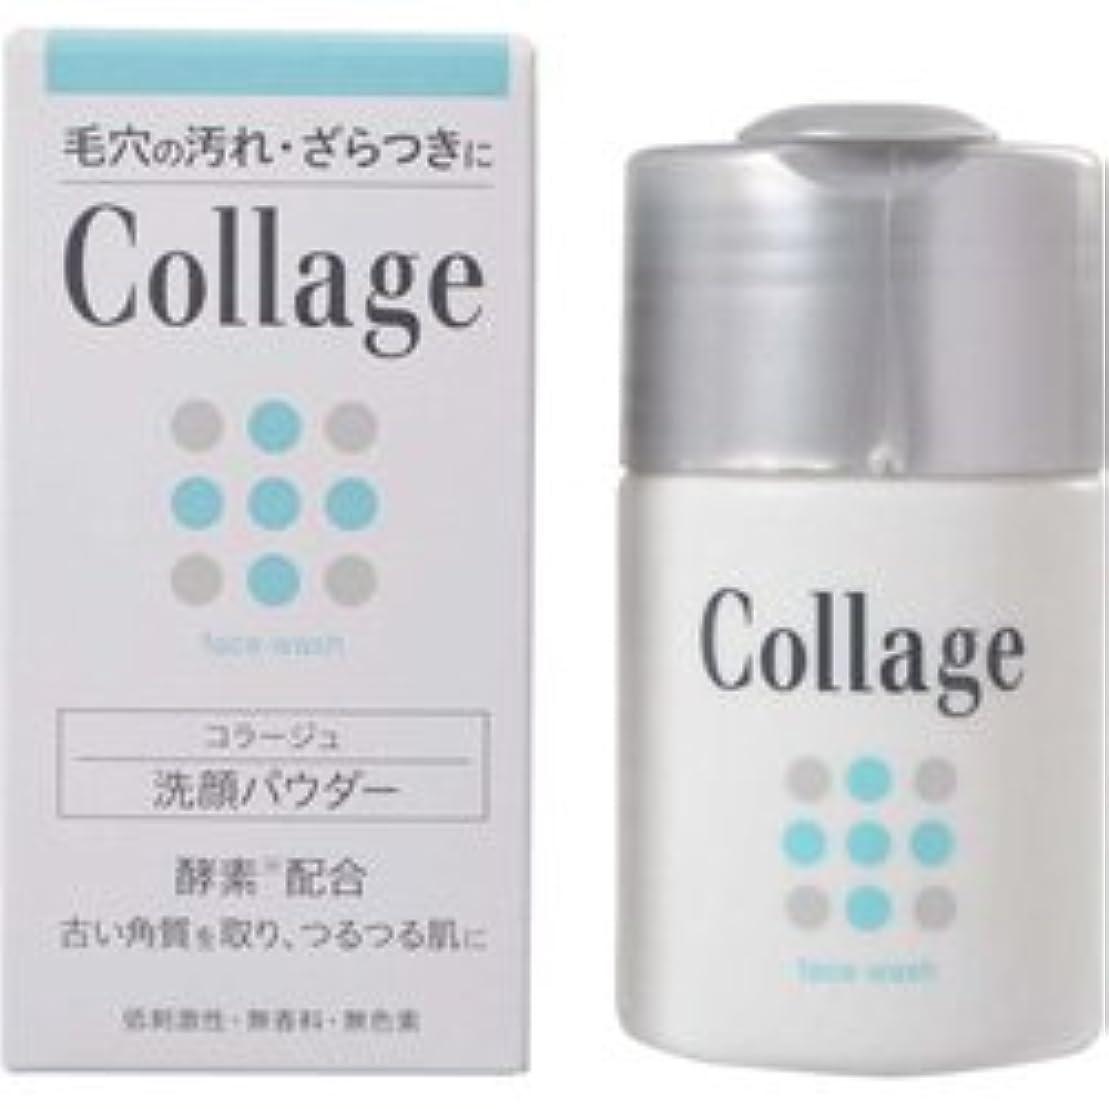 【持田ヘルスケア】 コラージュ洗顔パウダー 40g ×5個セット